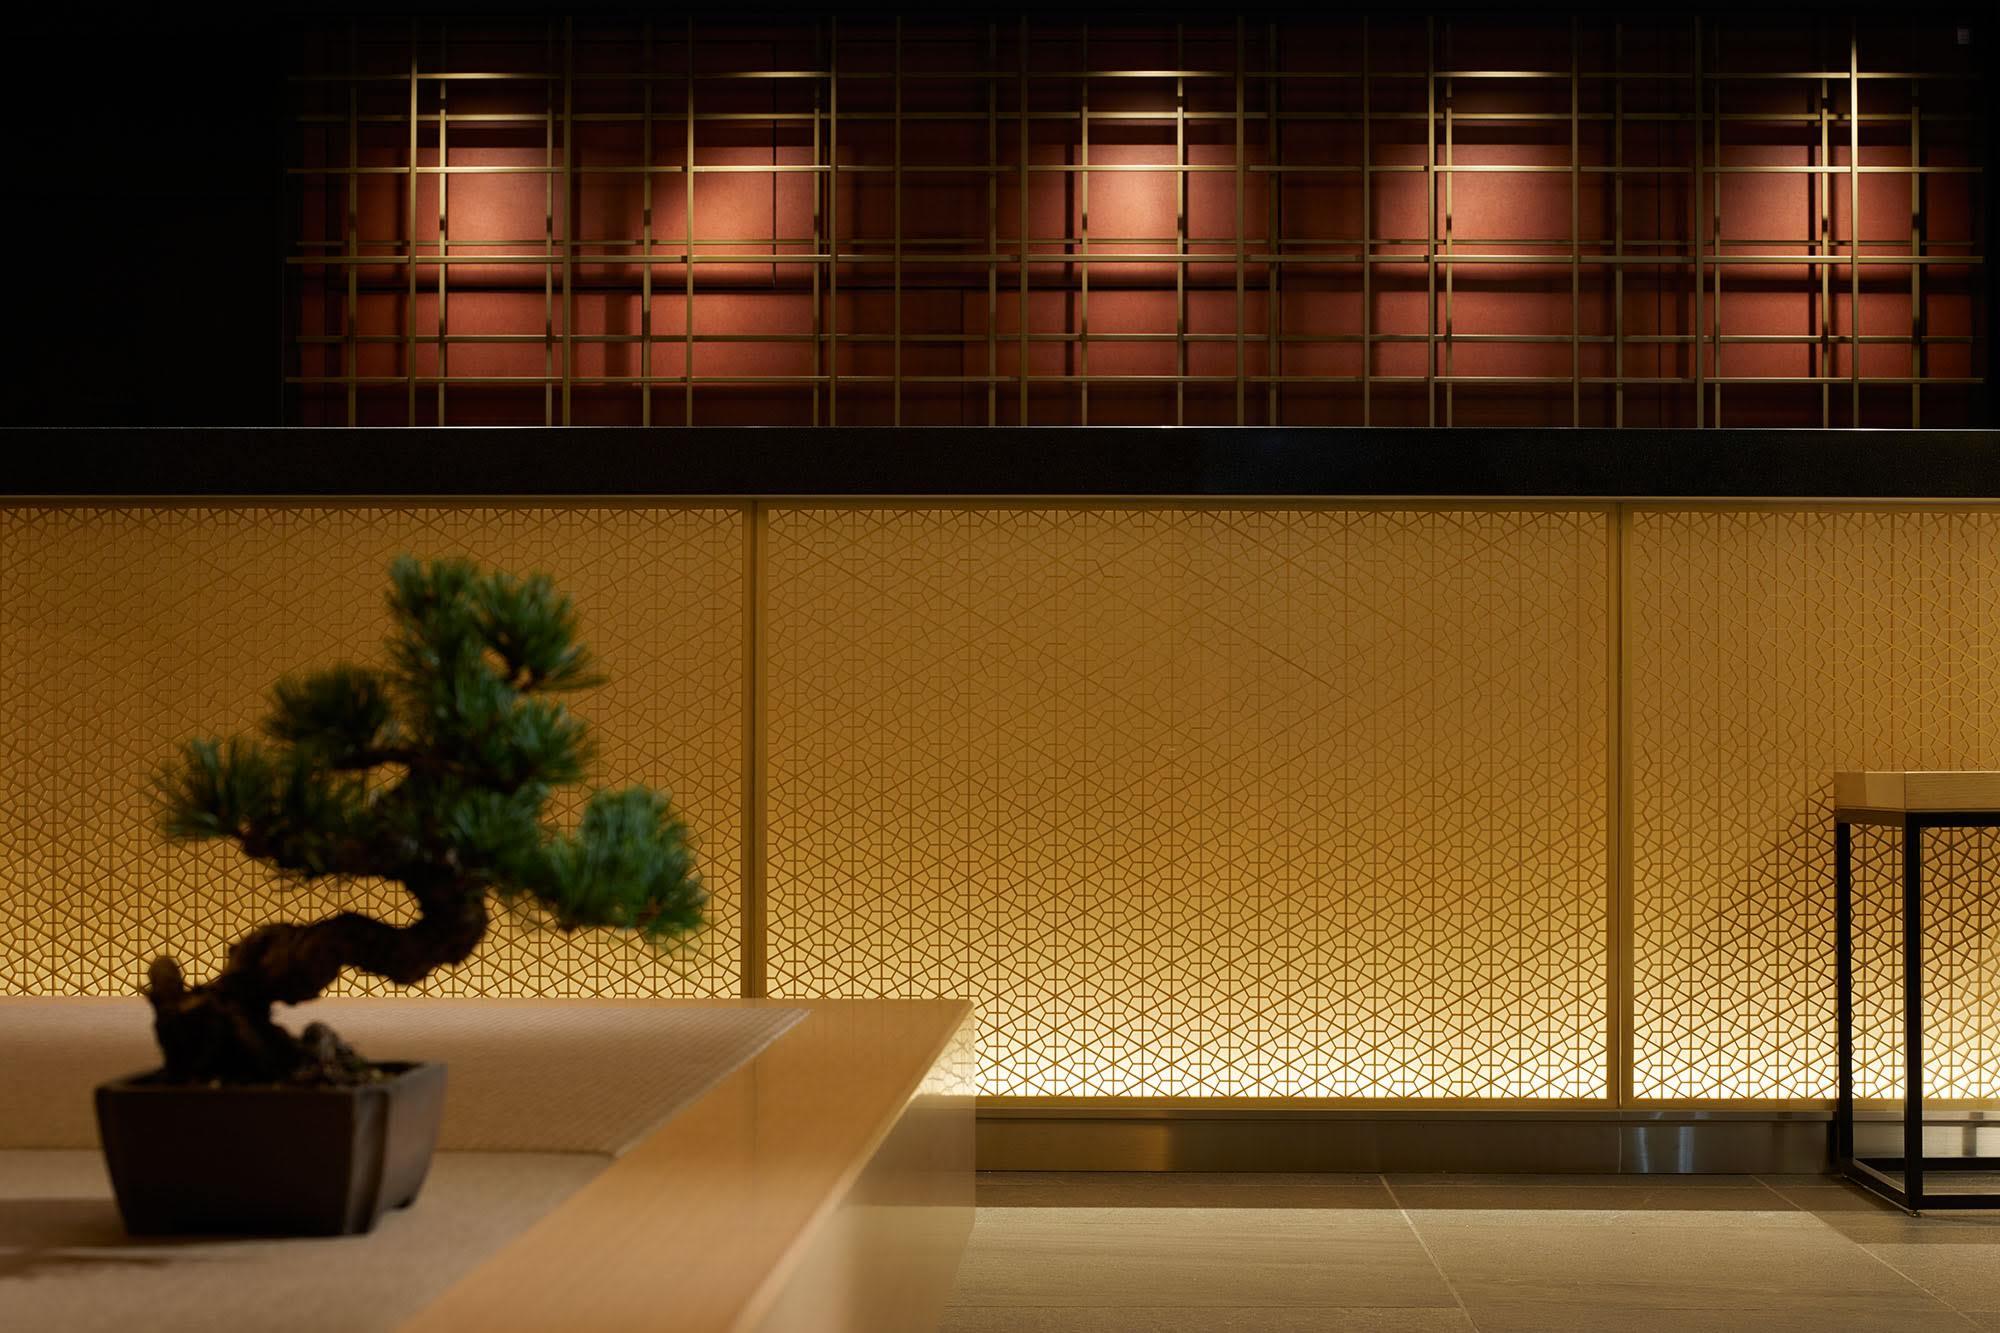 ザ・ビー 京都四条 / フレキシブルレート【素泊り】